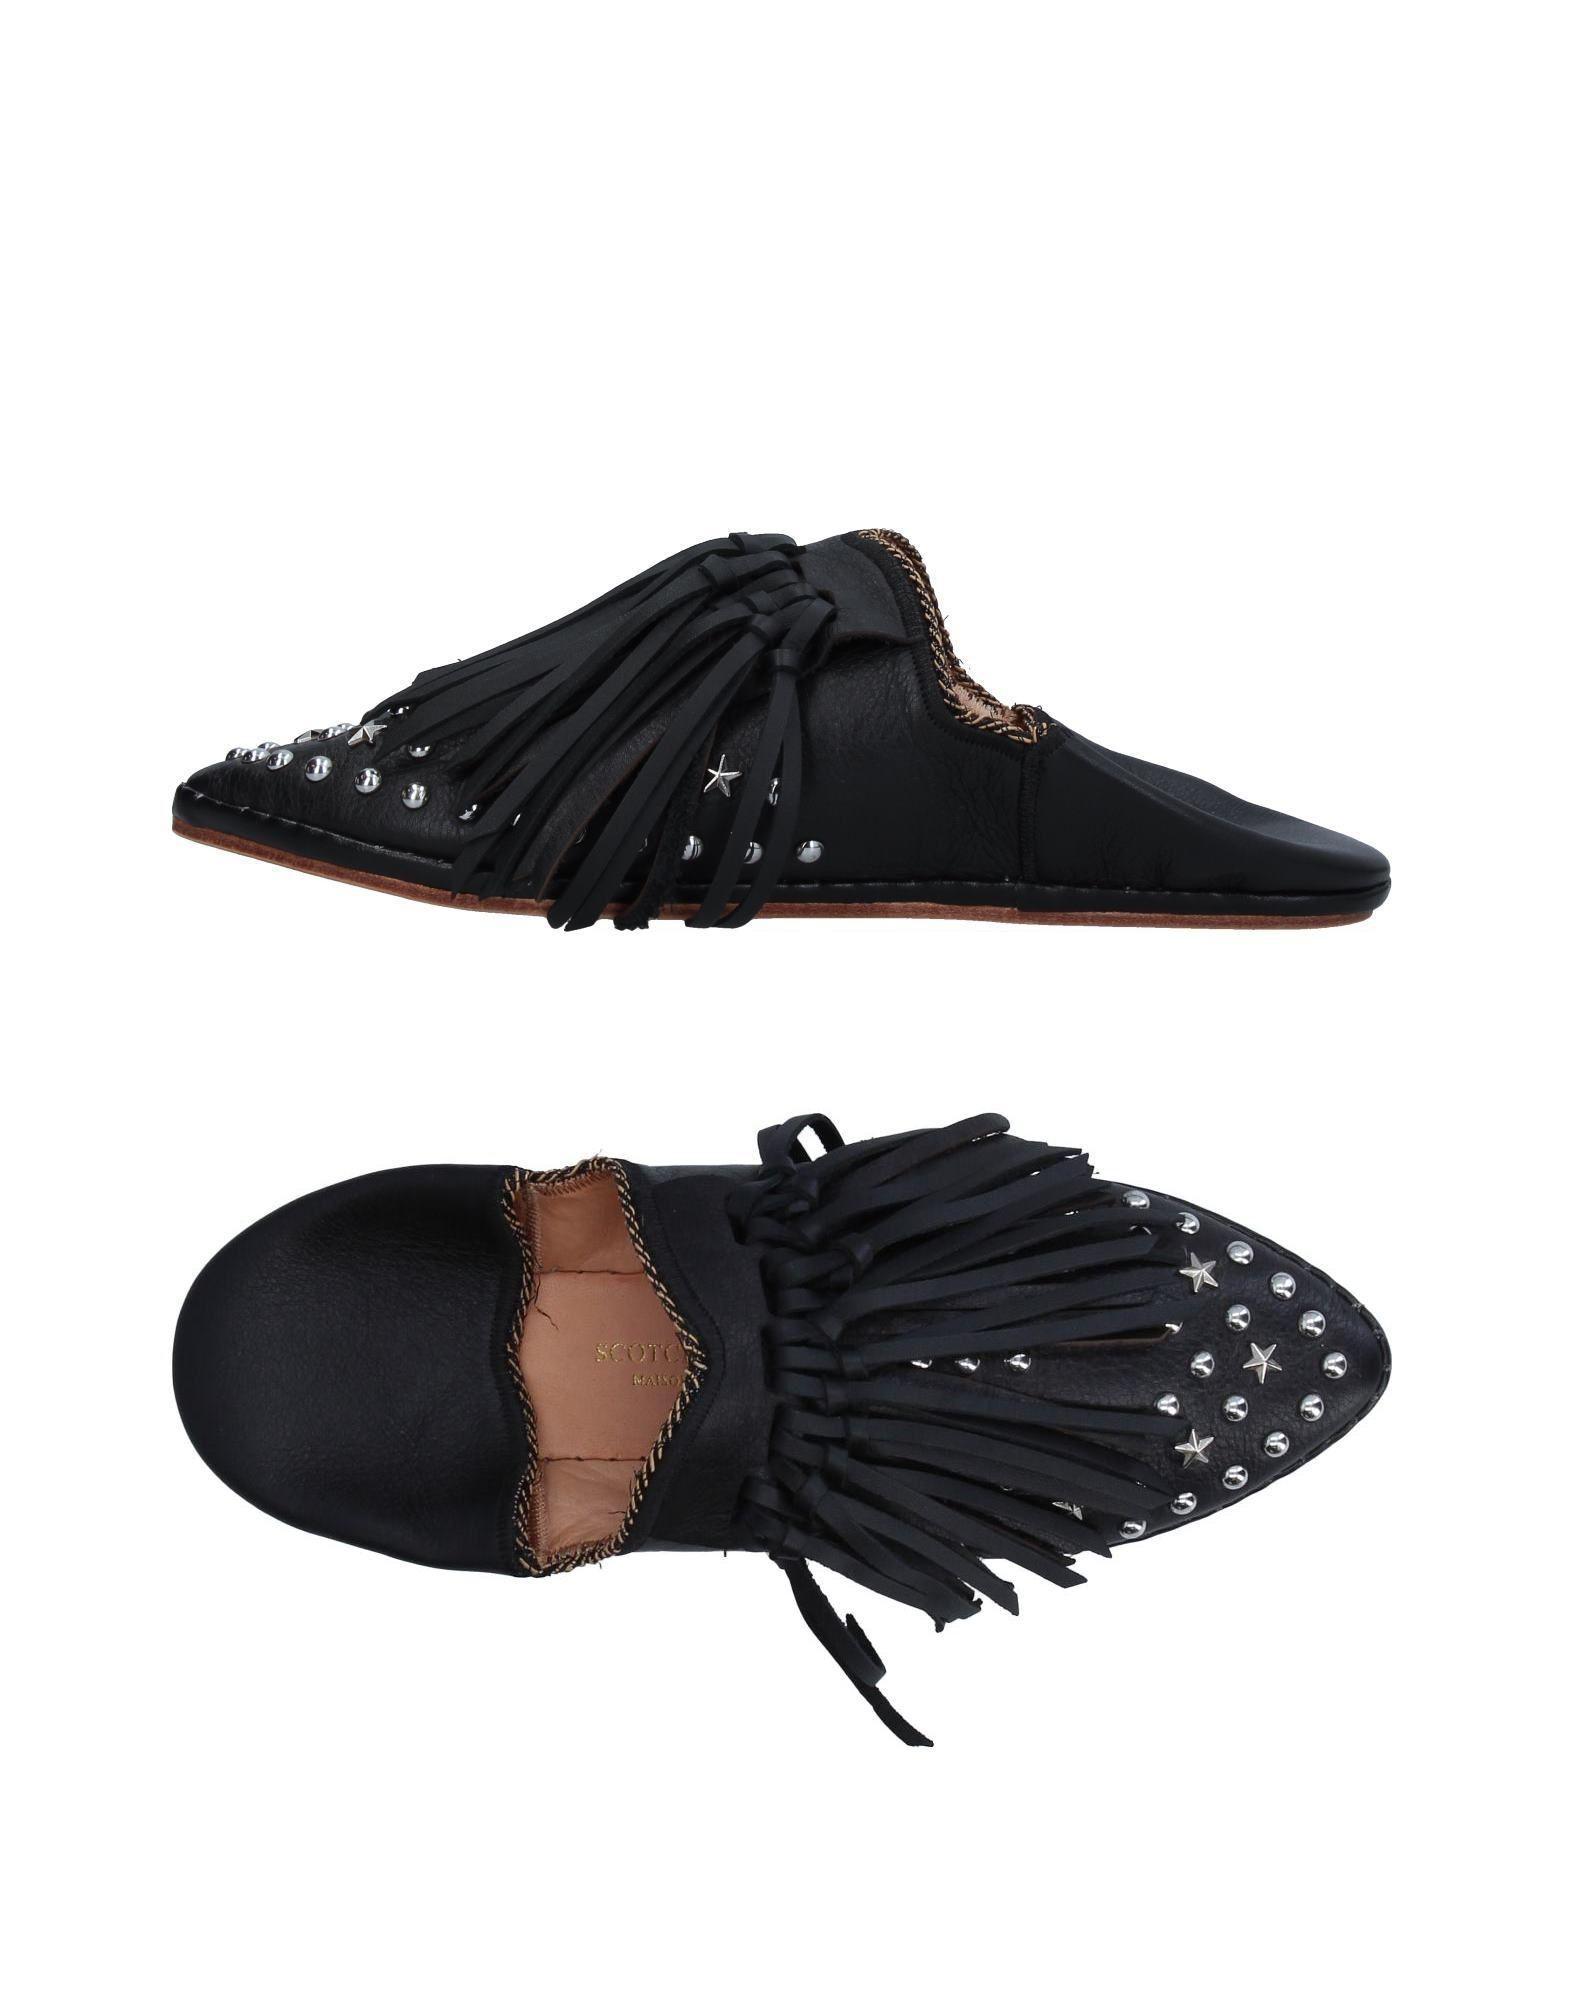 Chaussures - Mules De Maison Scotch 6i6ZKfK